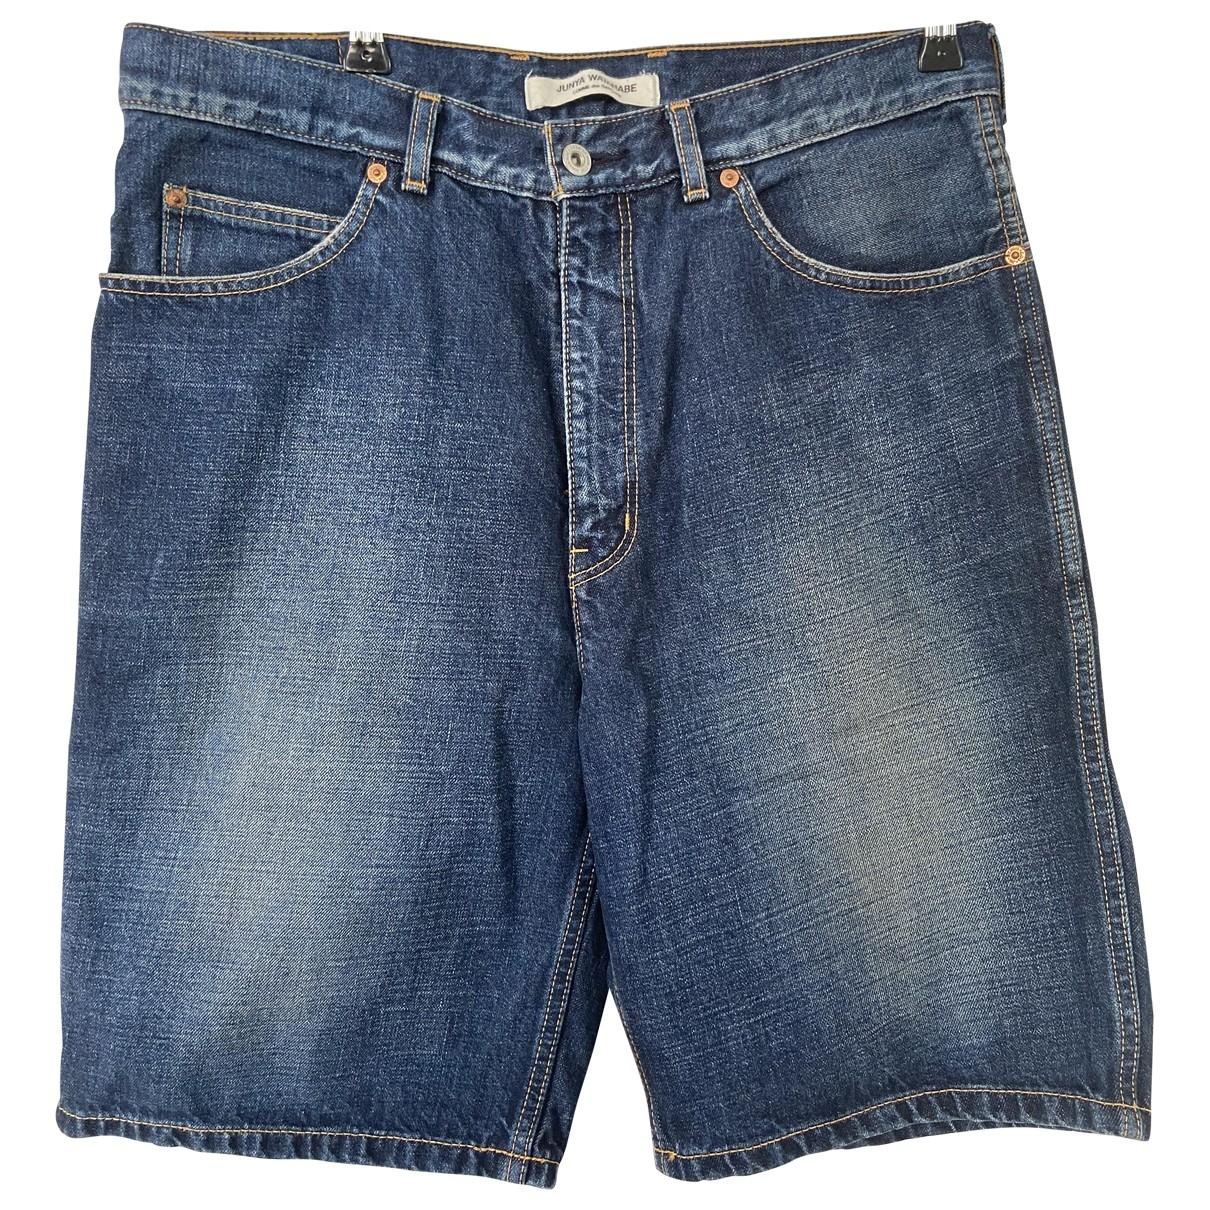 Pantalon corto Junya Watanabe